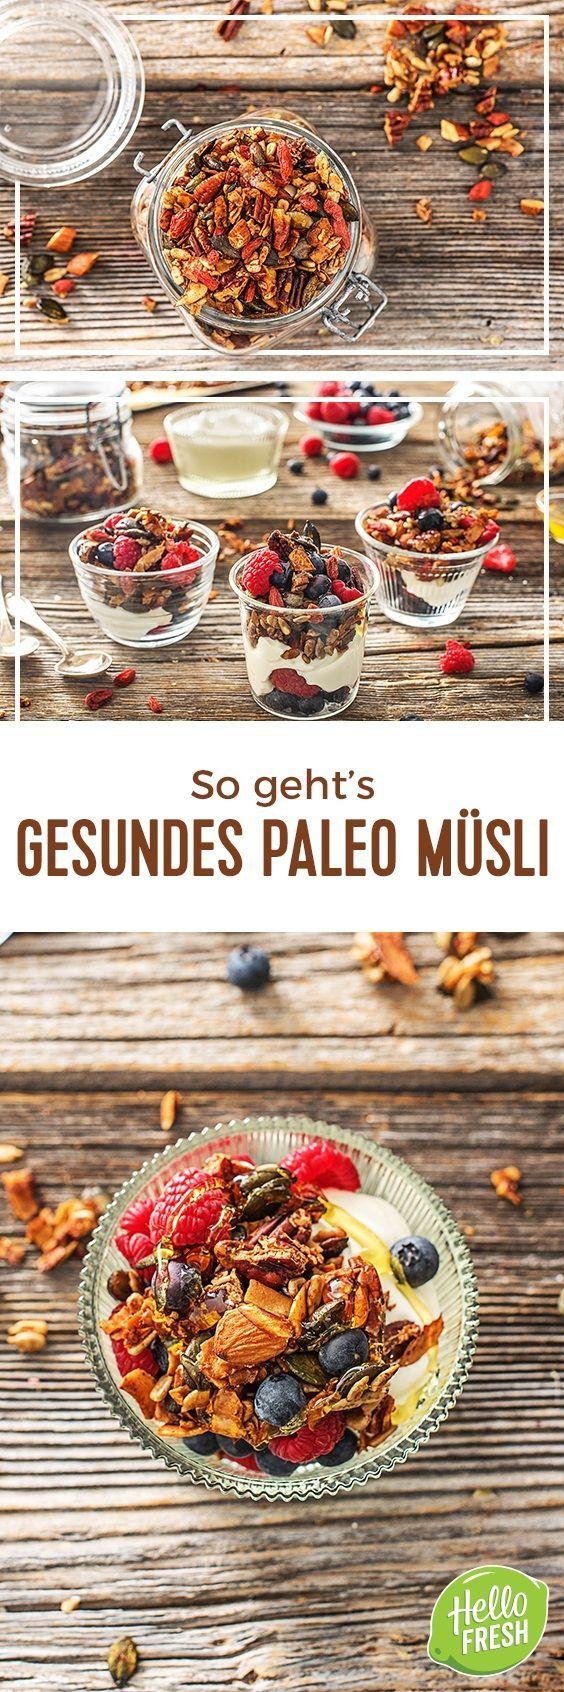 Step by Step Rezept: So einfach geht's: Paleo-Müsli selber machen  Kochen / Essen / Ernährung / Lecker / Kochbox / Zutaten / Gesund / Schnell / Frühling / Einfach / DIY / Küche / Gericht / Blog / Leicht  / Müsli / Paleo / Granola / Joghurt / Frühstück / Brunch / Superfood   #hellofreshde #kochen #essen #zubereiten #zutaten #diy #rezept #kochbox #ernährung #lecker #gesund #leicht #schnell #frühling #einfach #küche #gericht #trend #blog #paleo #müsli #granola #joghurt #frühstück #brunch…